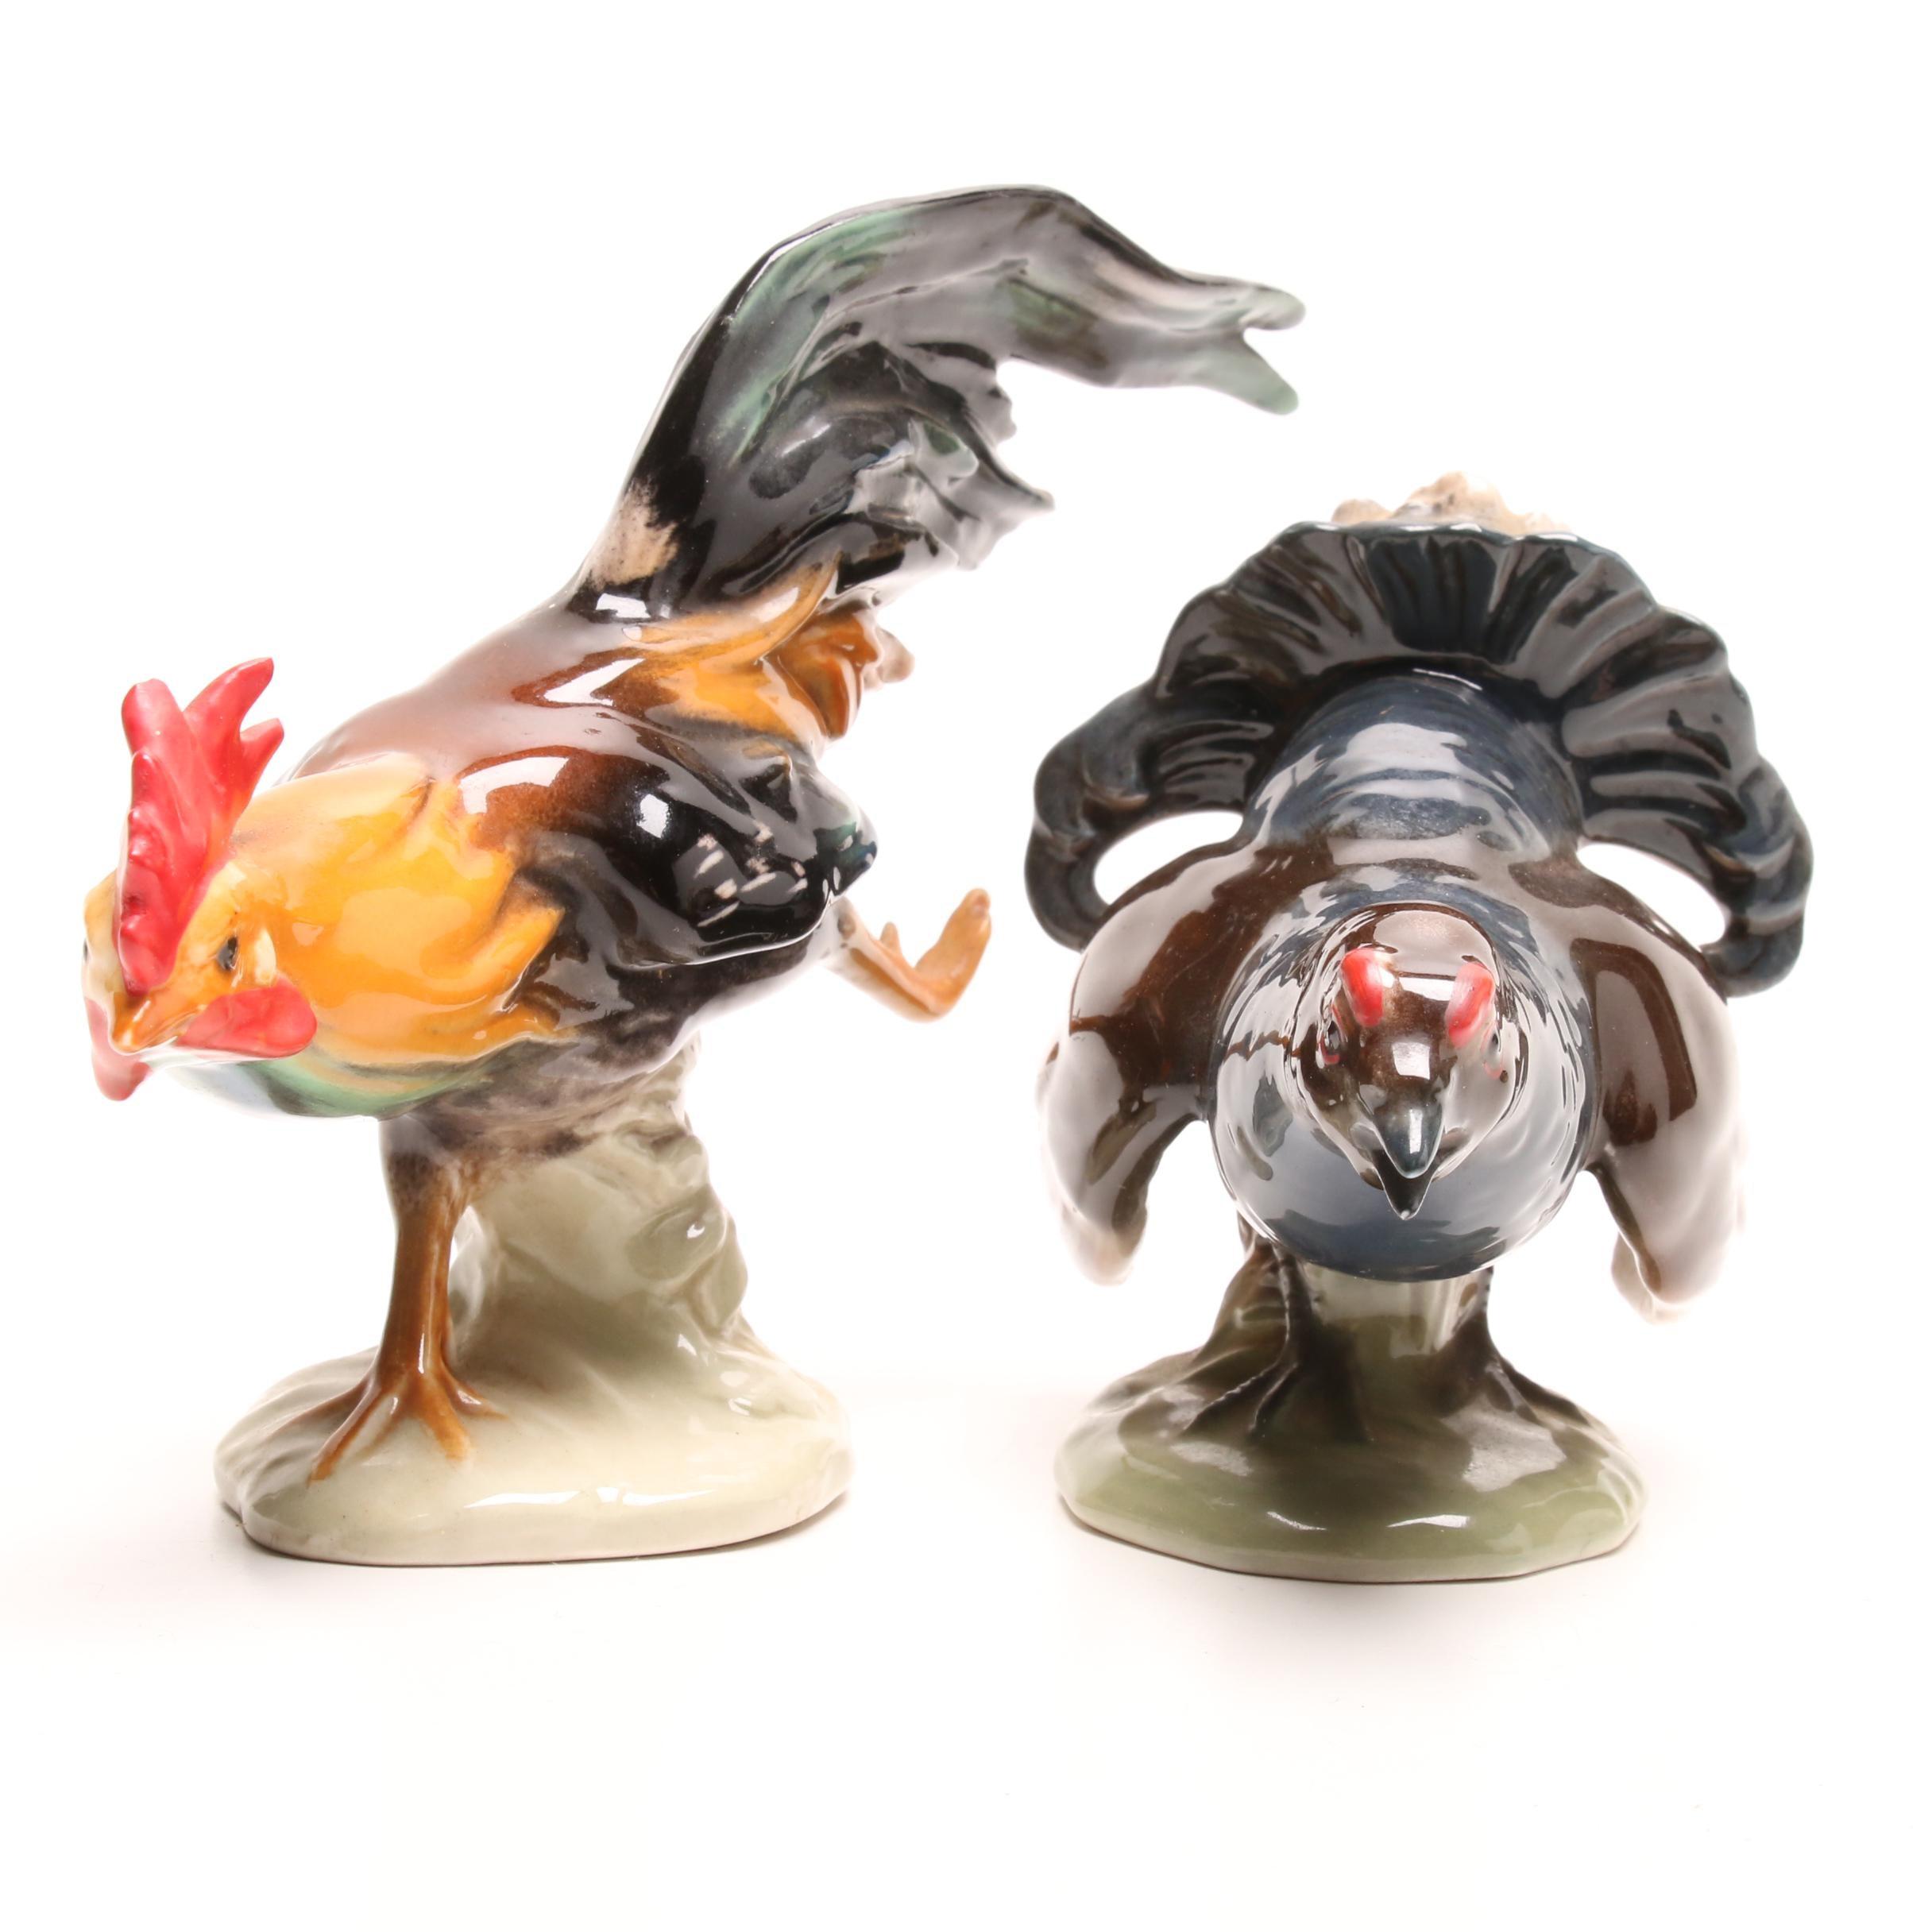 Goebel Rooster and Hen Figurines